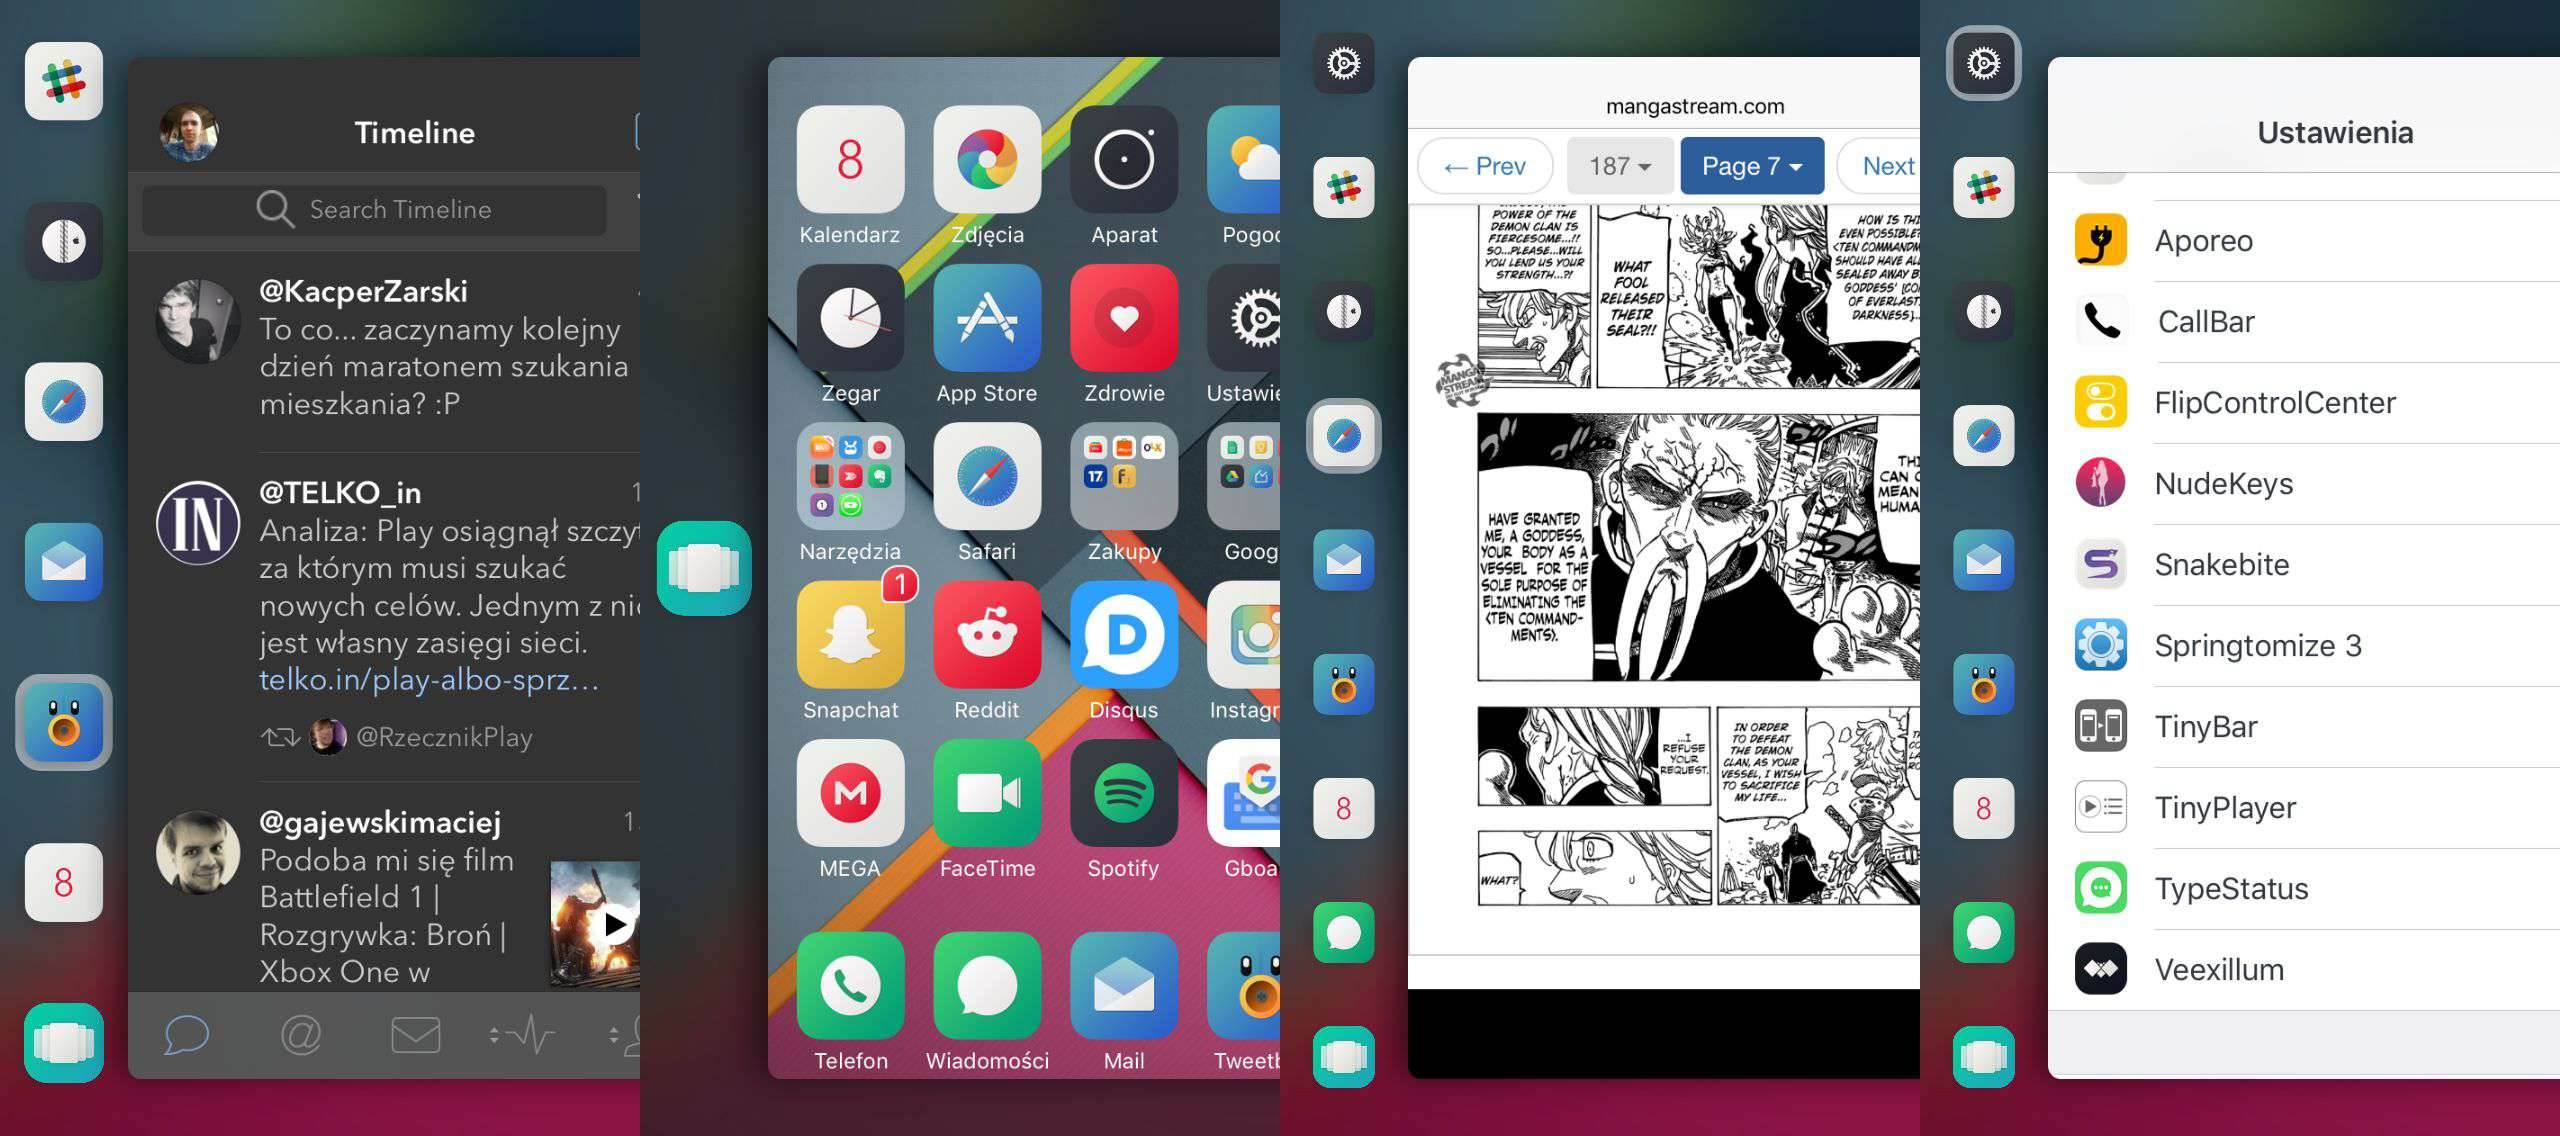 Snakebite 2 - test i recenzja recenzje, cydia-i-jailbreak Snakebite 2, recenzja Snakebite 2  Menu wielozadaniowości w iOS na przestrzeni lat zmieniało się wiele razy, raz były to świetne rozwiązania (iOS poniżej 7), a raz nieudane (iOS 9). 2 5